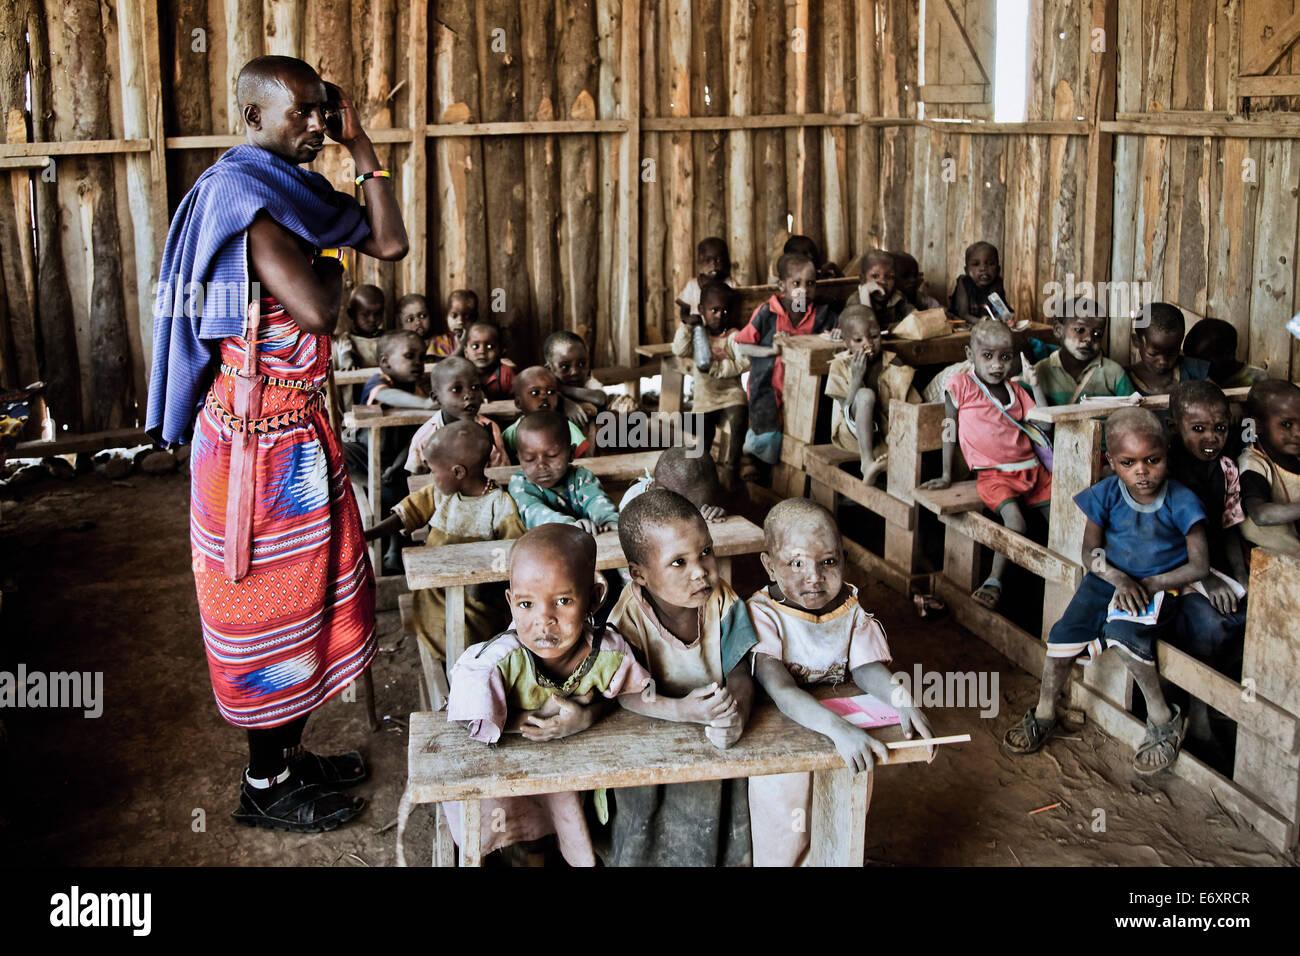 Kinder und Lehrer in einem Massai-Dorf Schule, Kenia, Afrika Stockbild